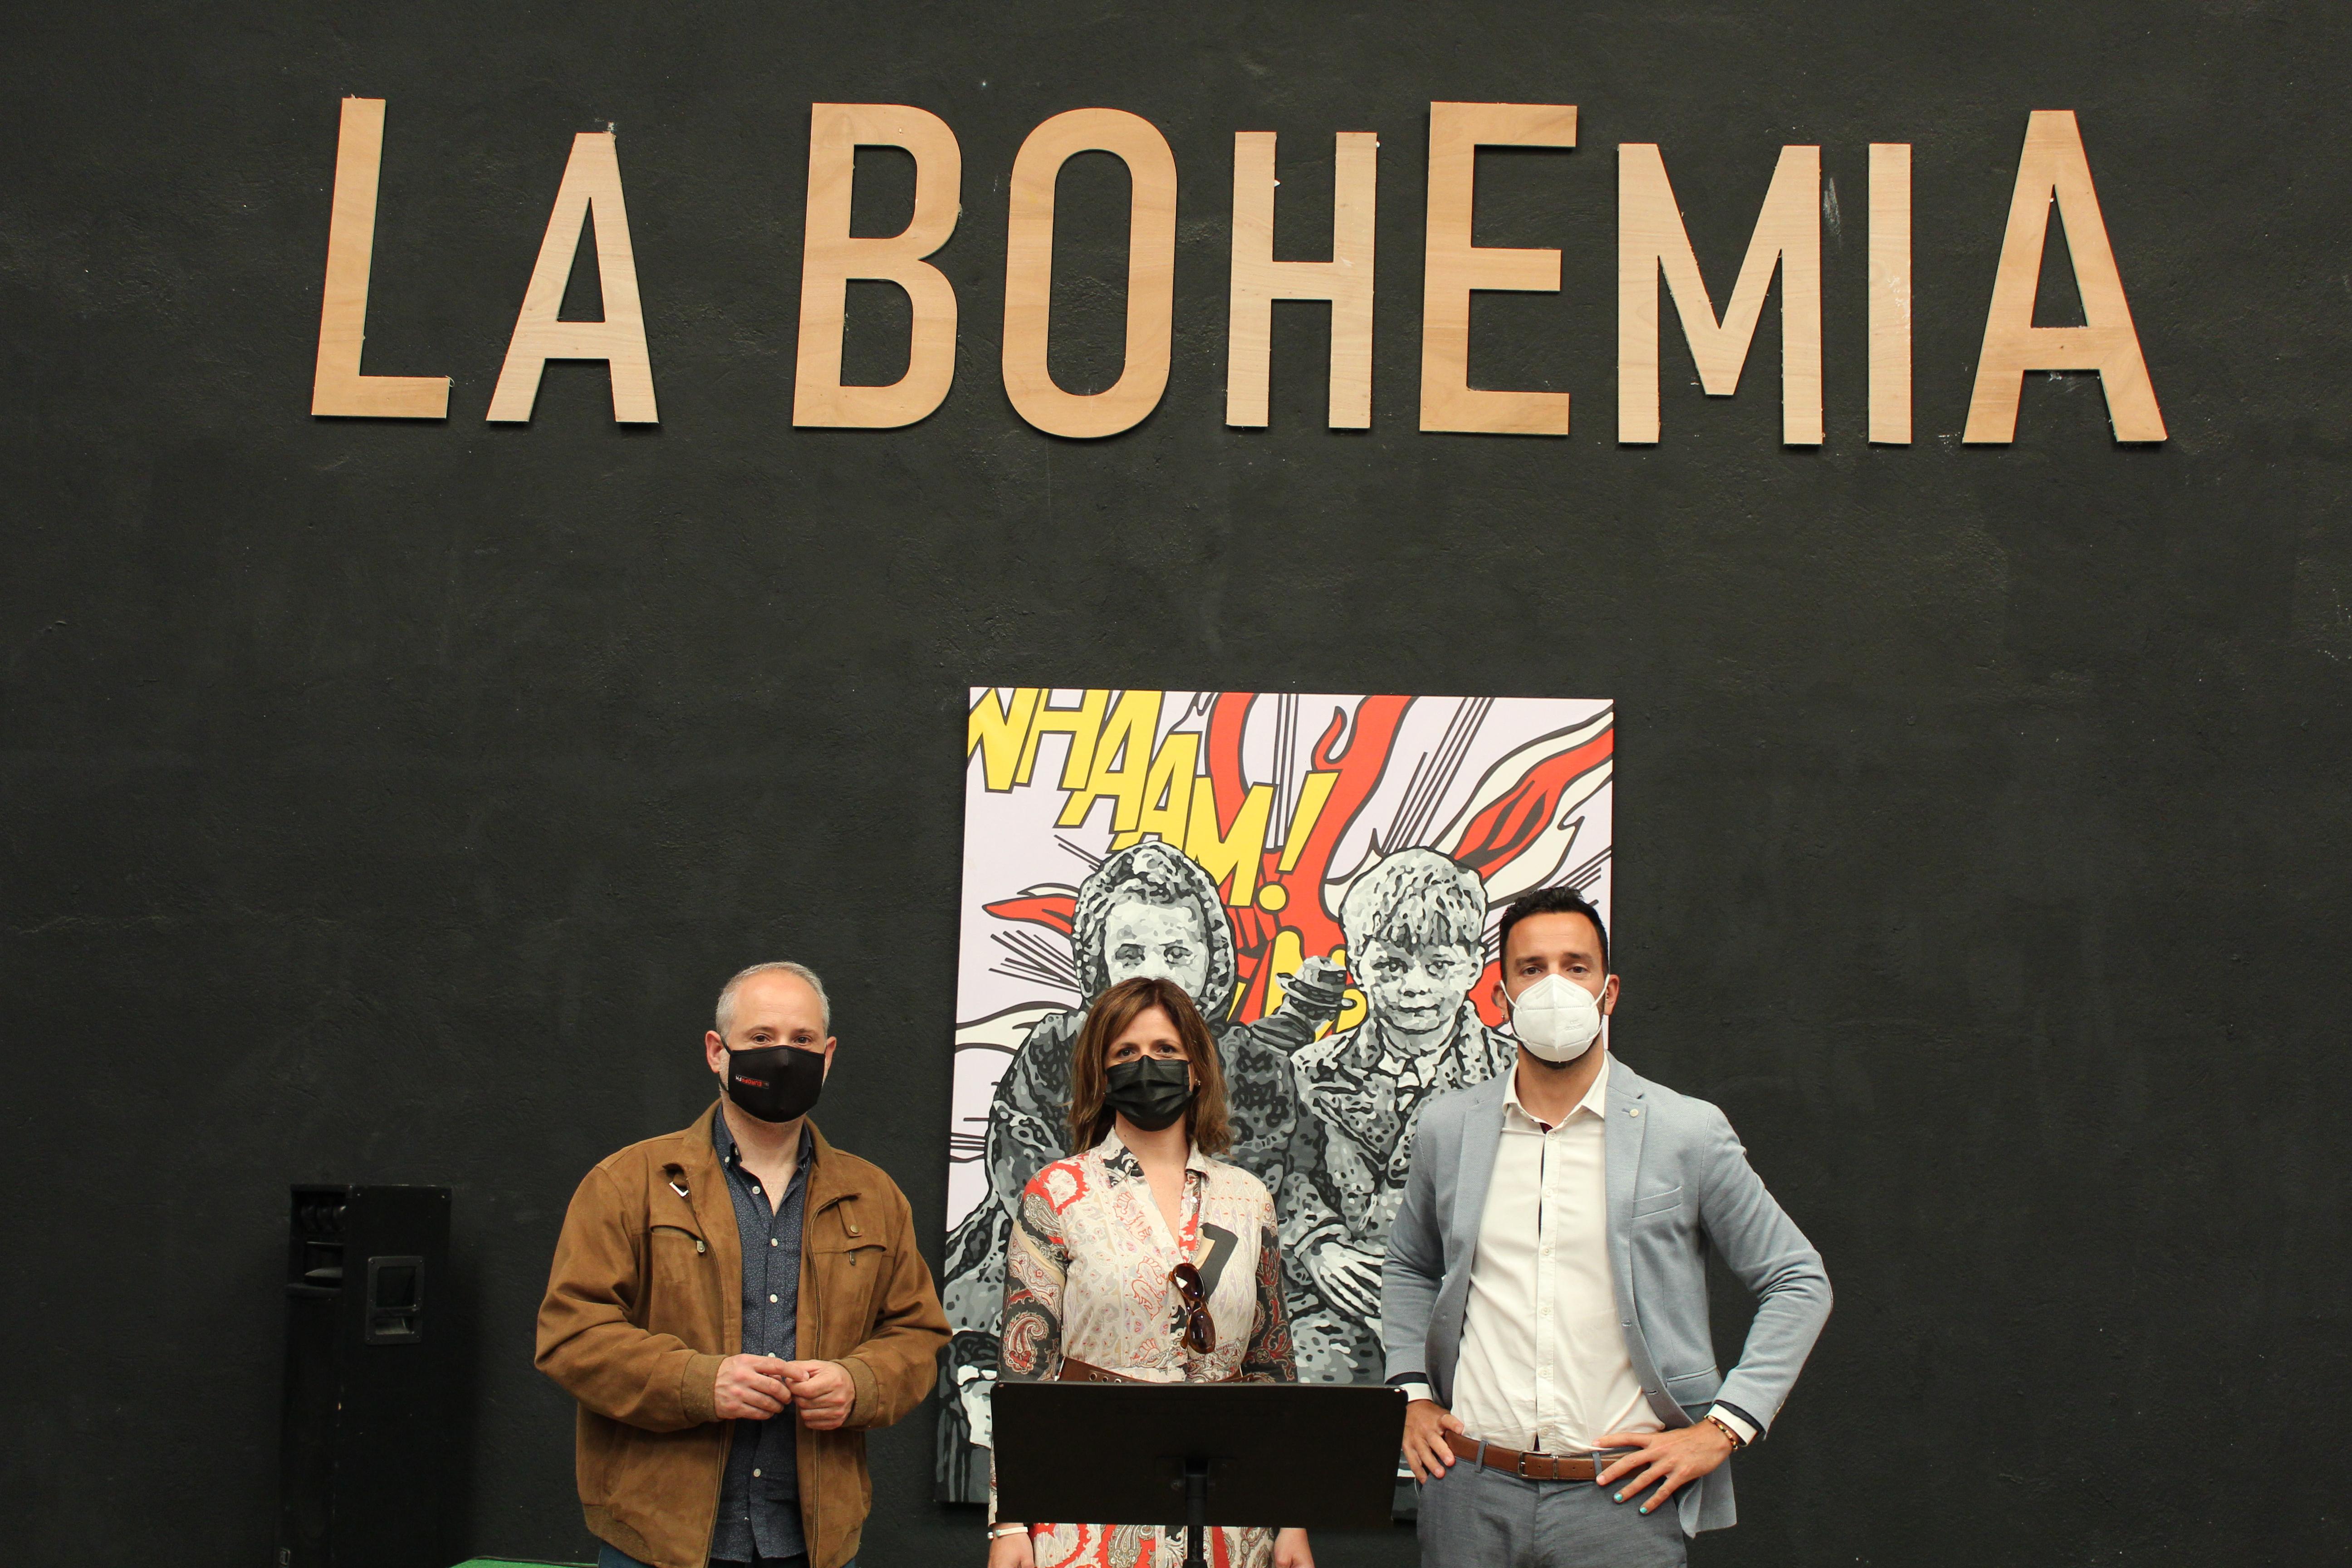 Estepark se convierte en partner del centro cultural La Bohemia